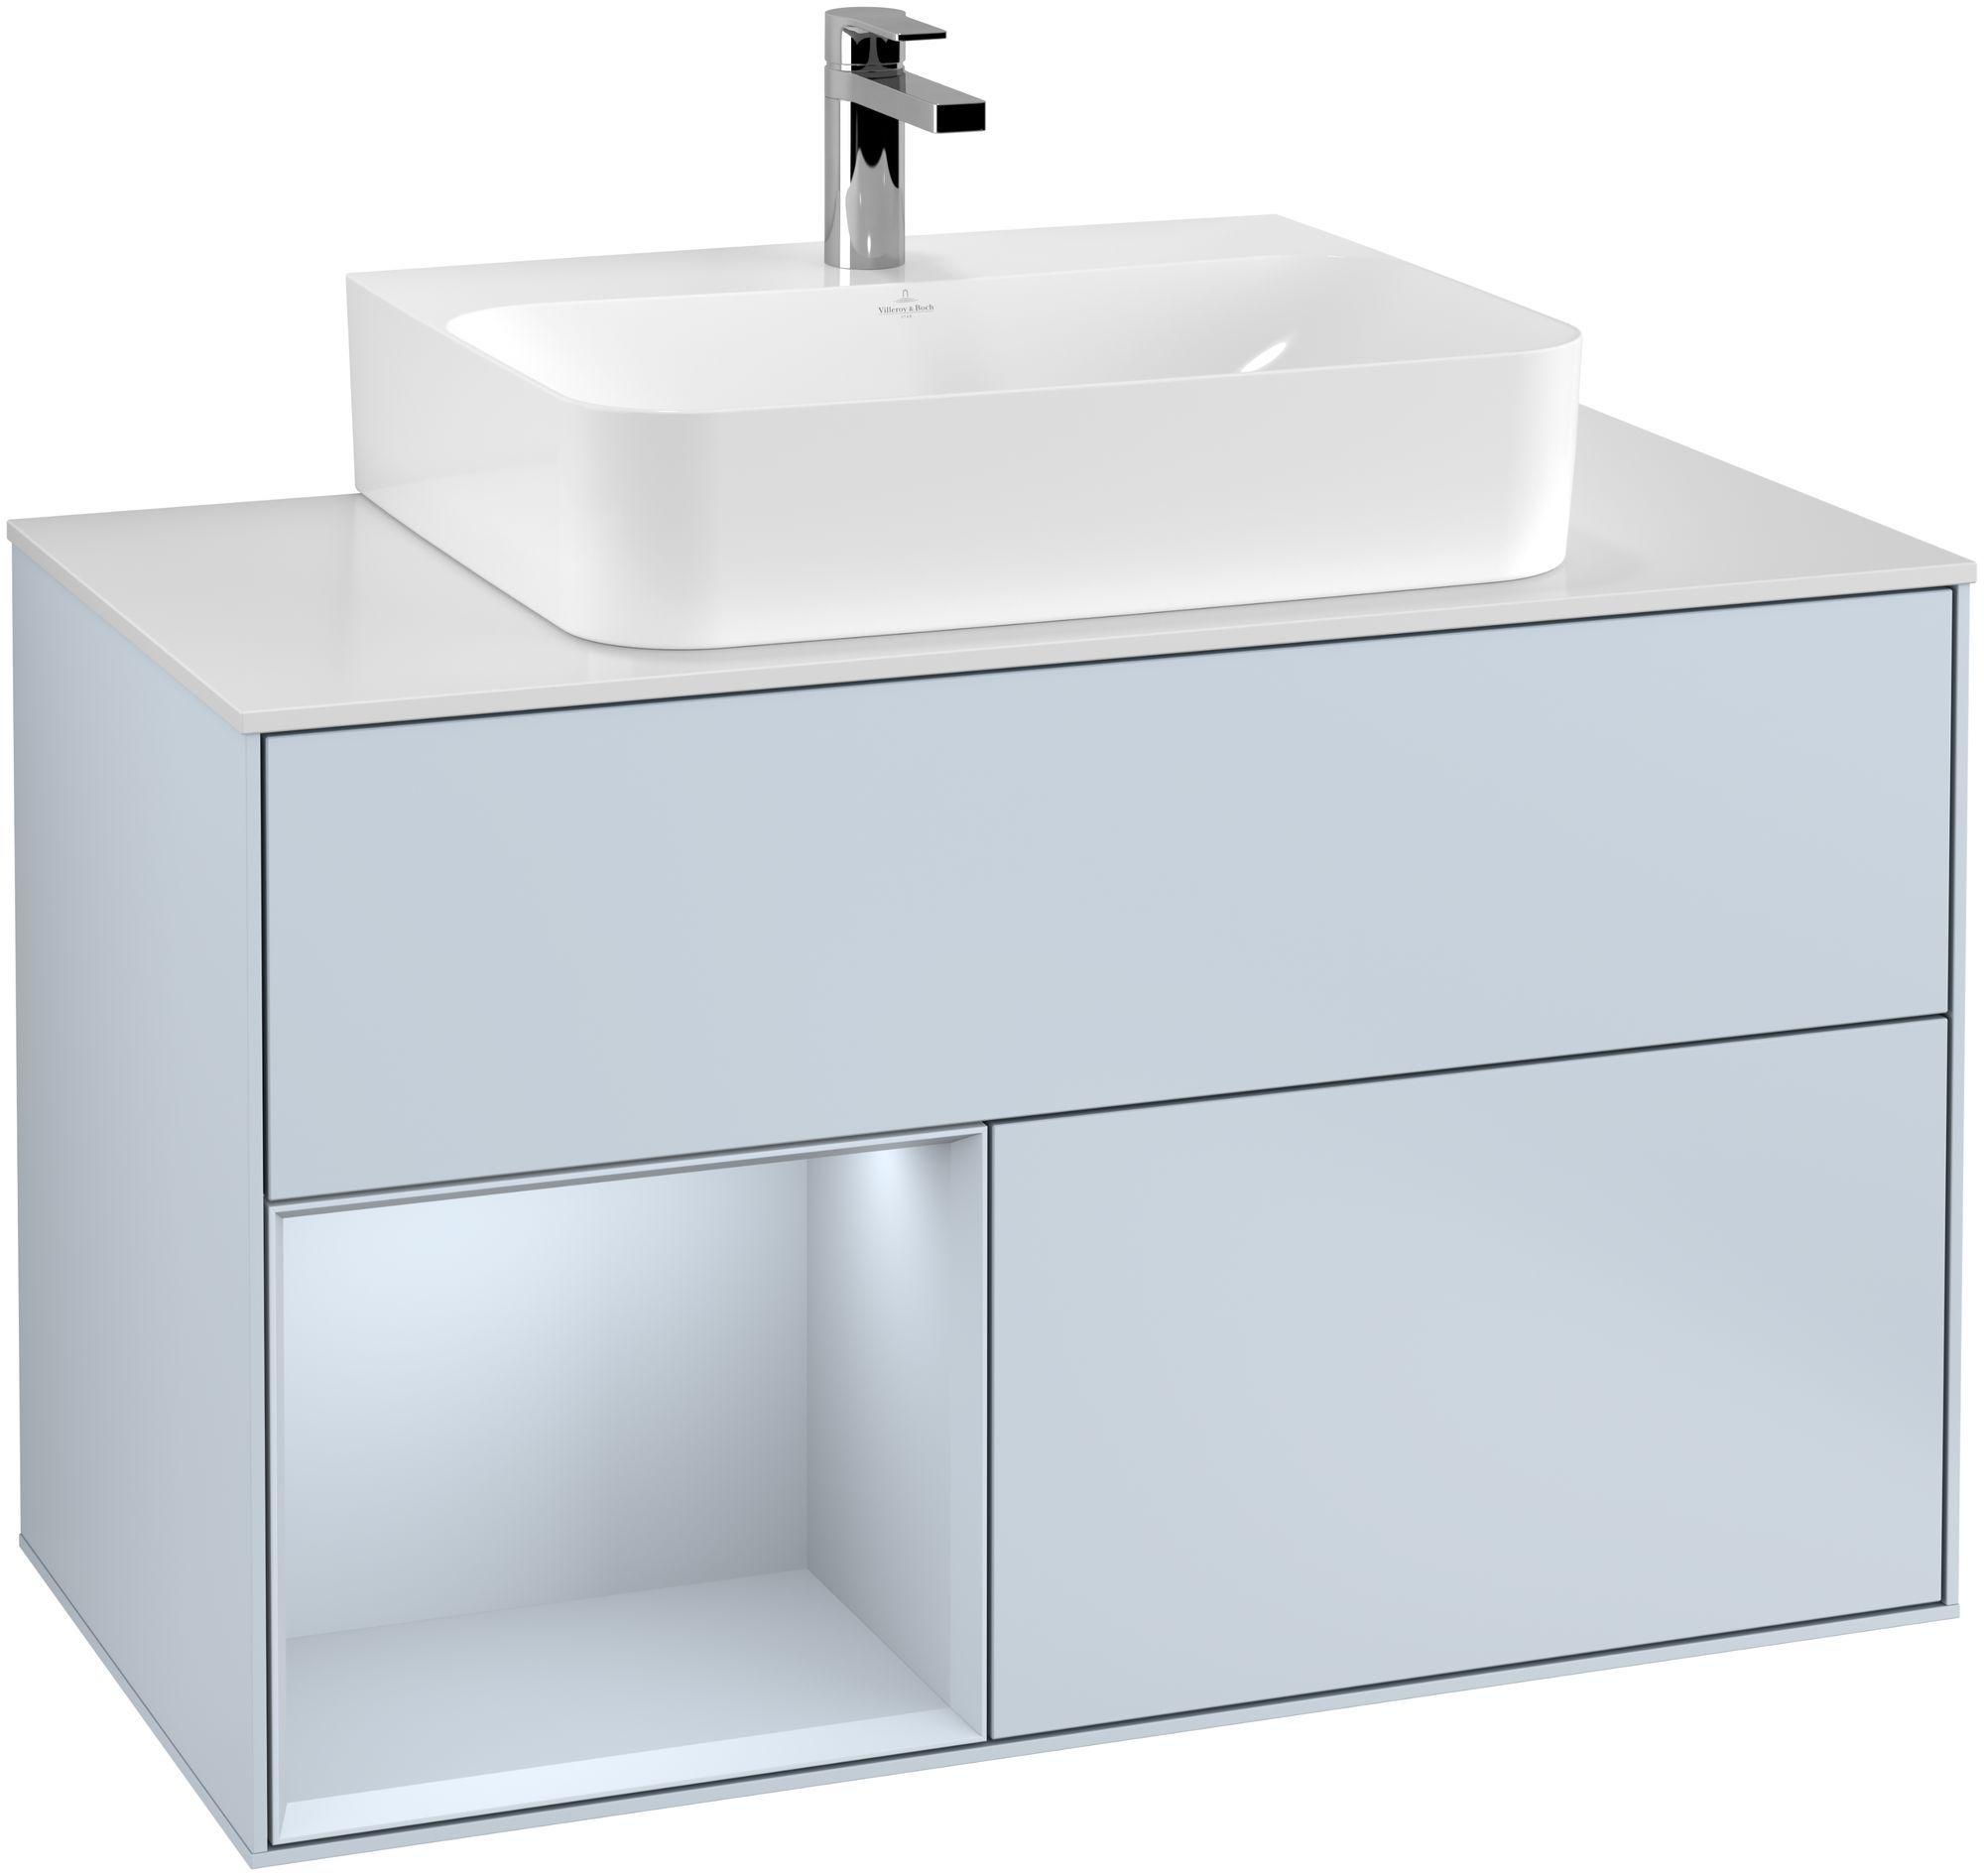 Villeroy & Boch Finion F11 Waschtischunterschrank mit Regalelement 2 Auszüge Waschtisch mittig LED-Beleuchtung B:100xH:60,3xT:50,1cm Front, Korpus: Cloud, Glasplatte: White Matt F111HAHA